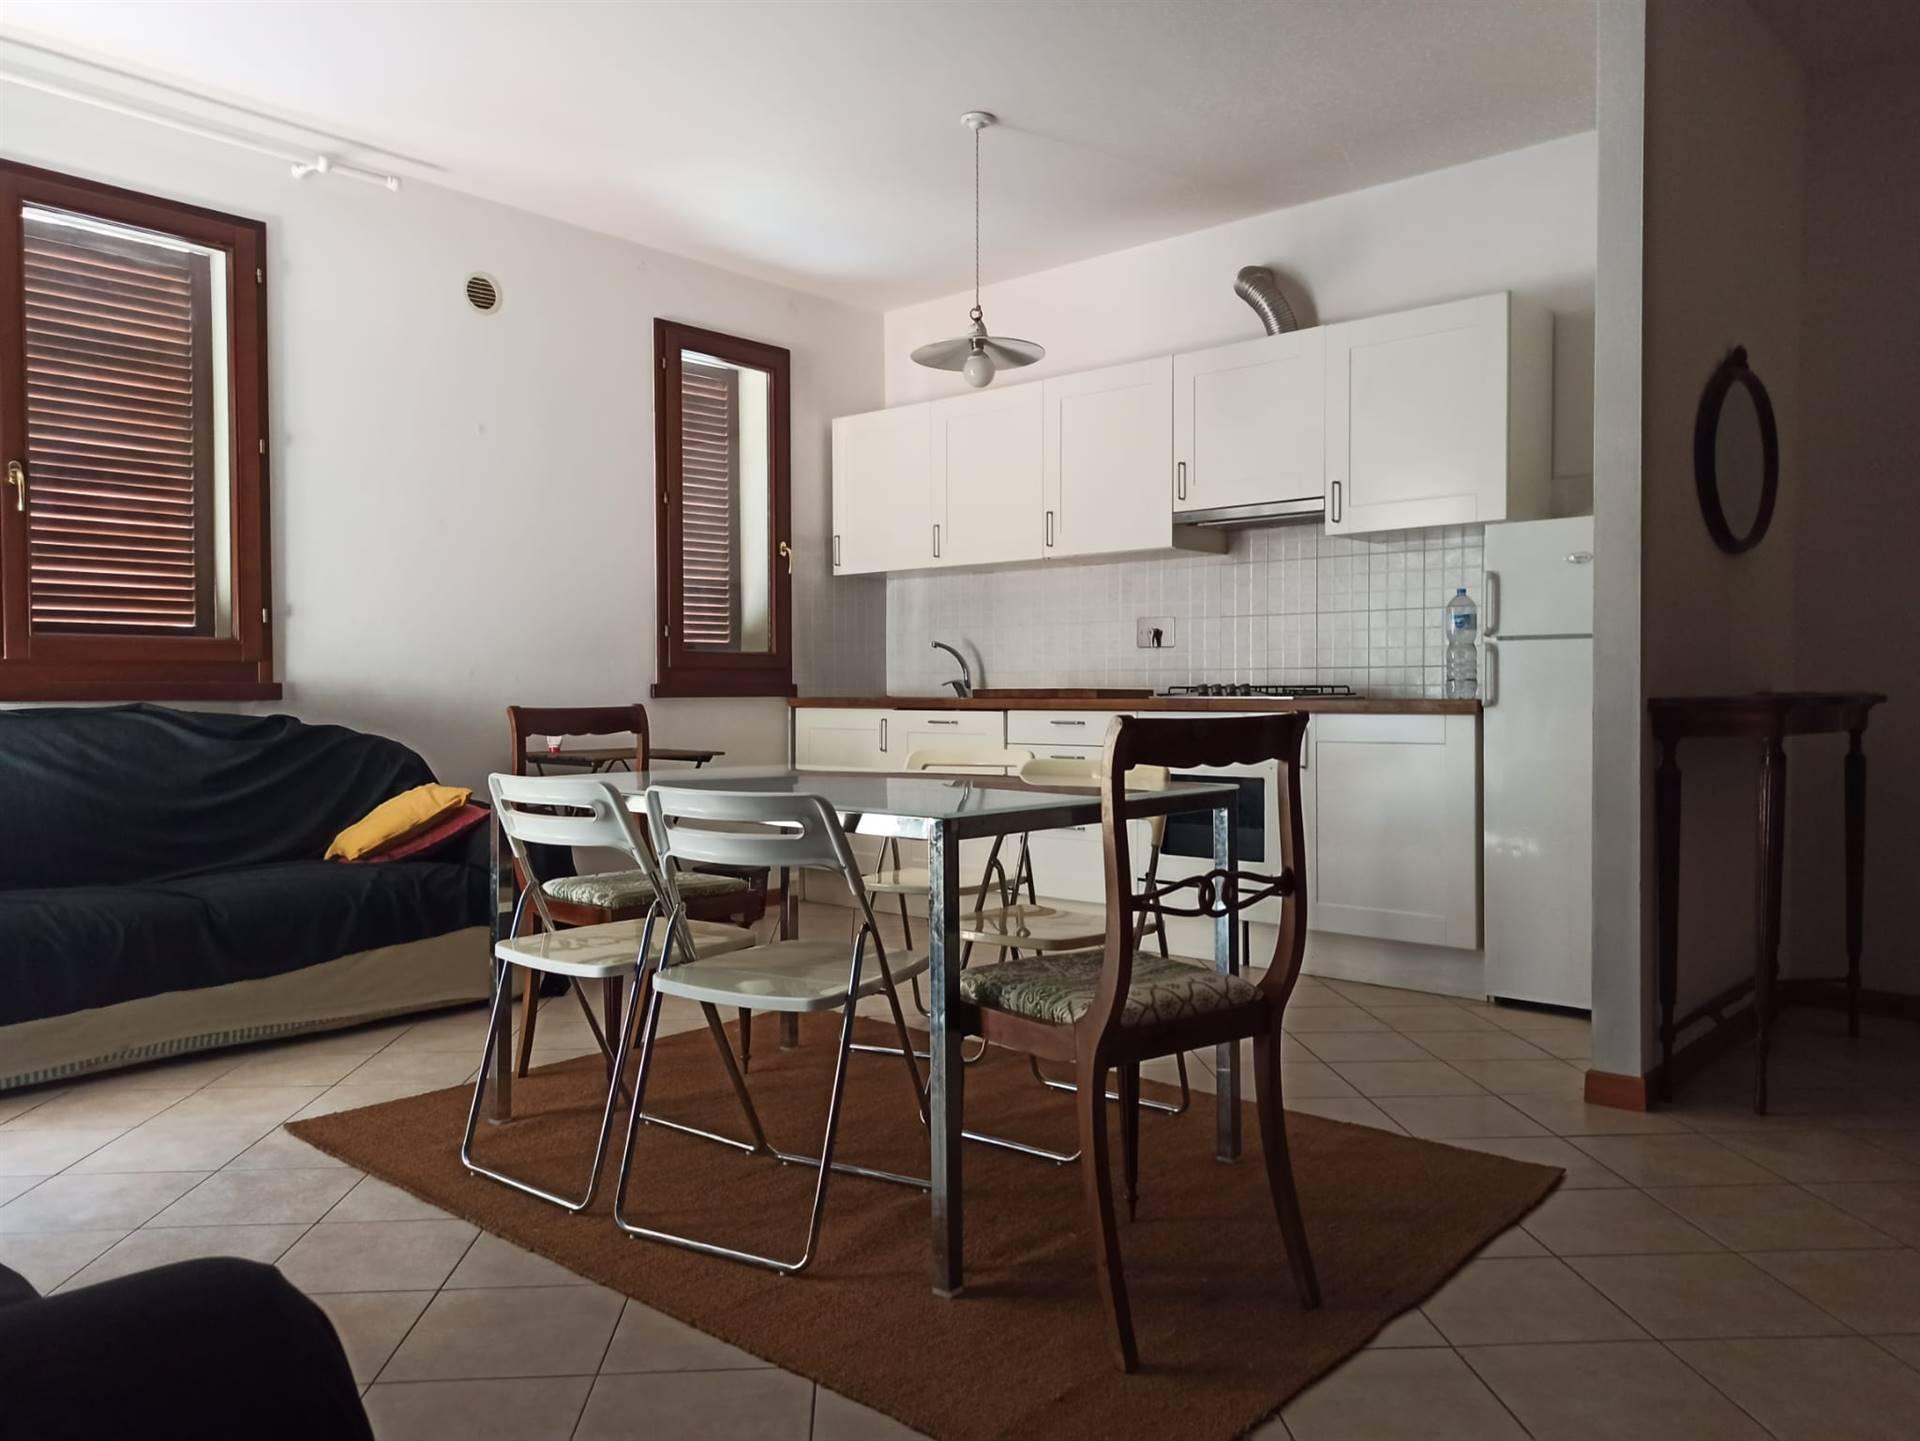 Appartamento in vendita a Prato, 3 locali, zona feria, prezzo € 198.000   PortaleAgenzieImmobiliari.it